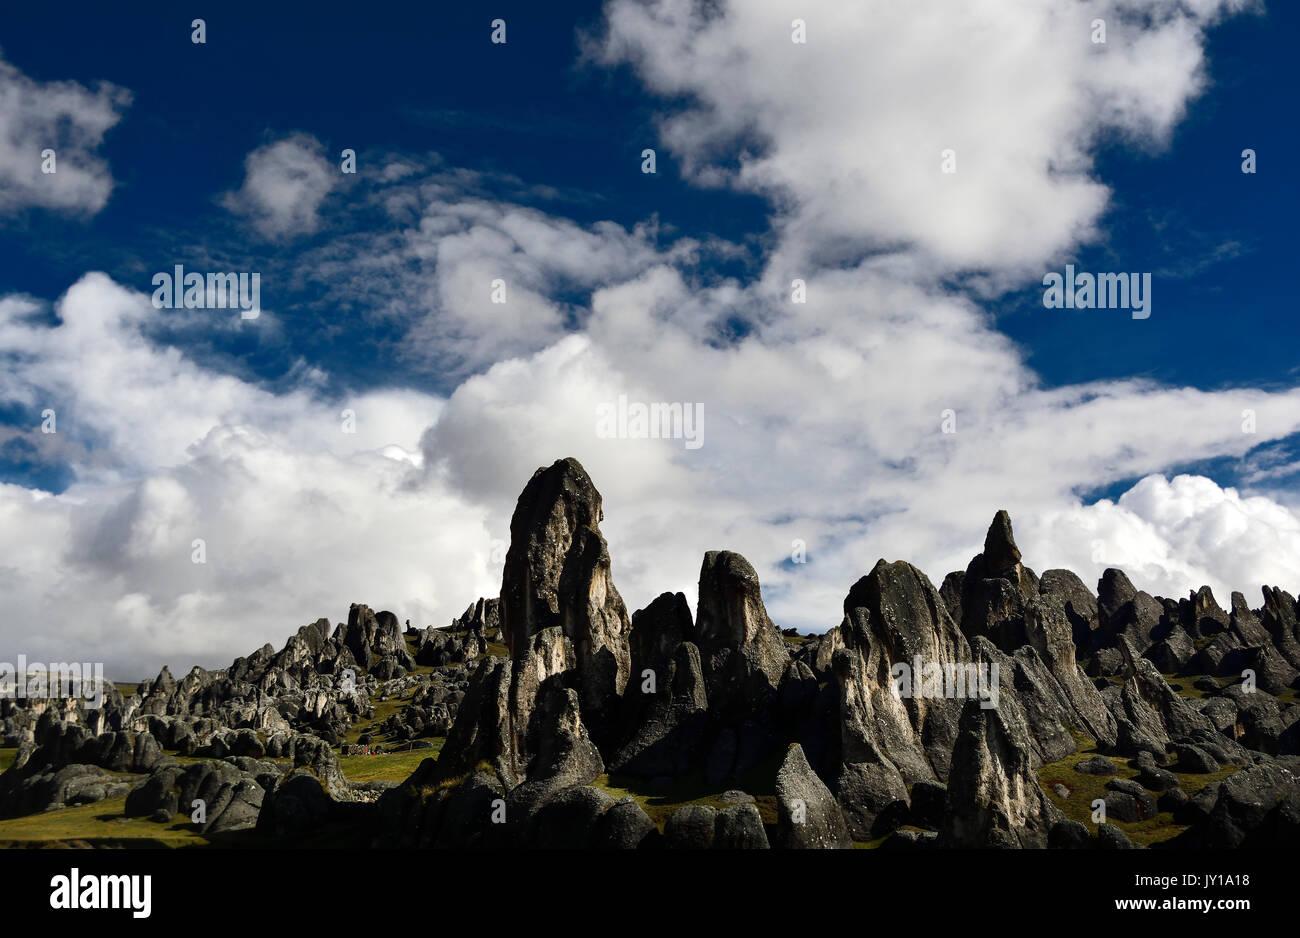 landscape at bosque de piedra - stone forest , in peru - Stock Image